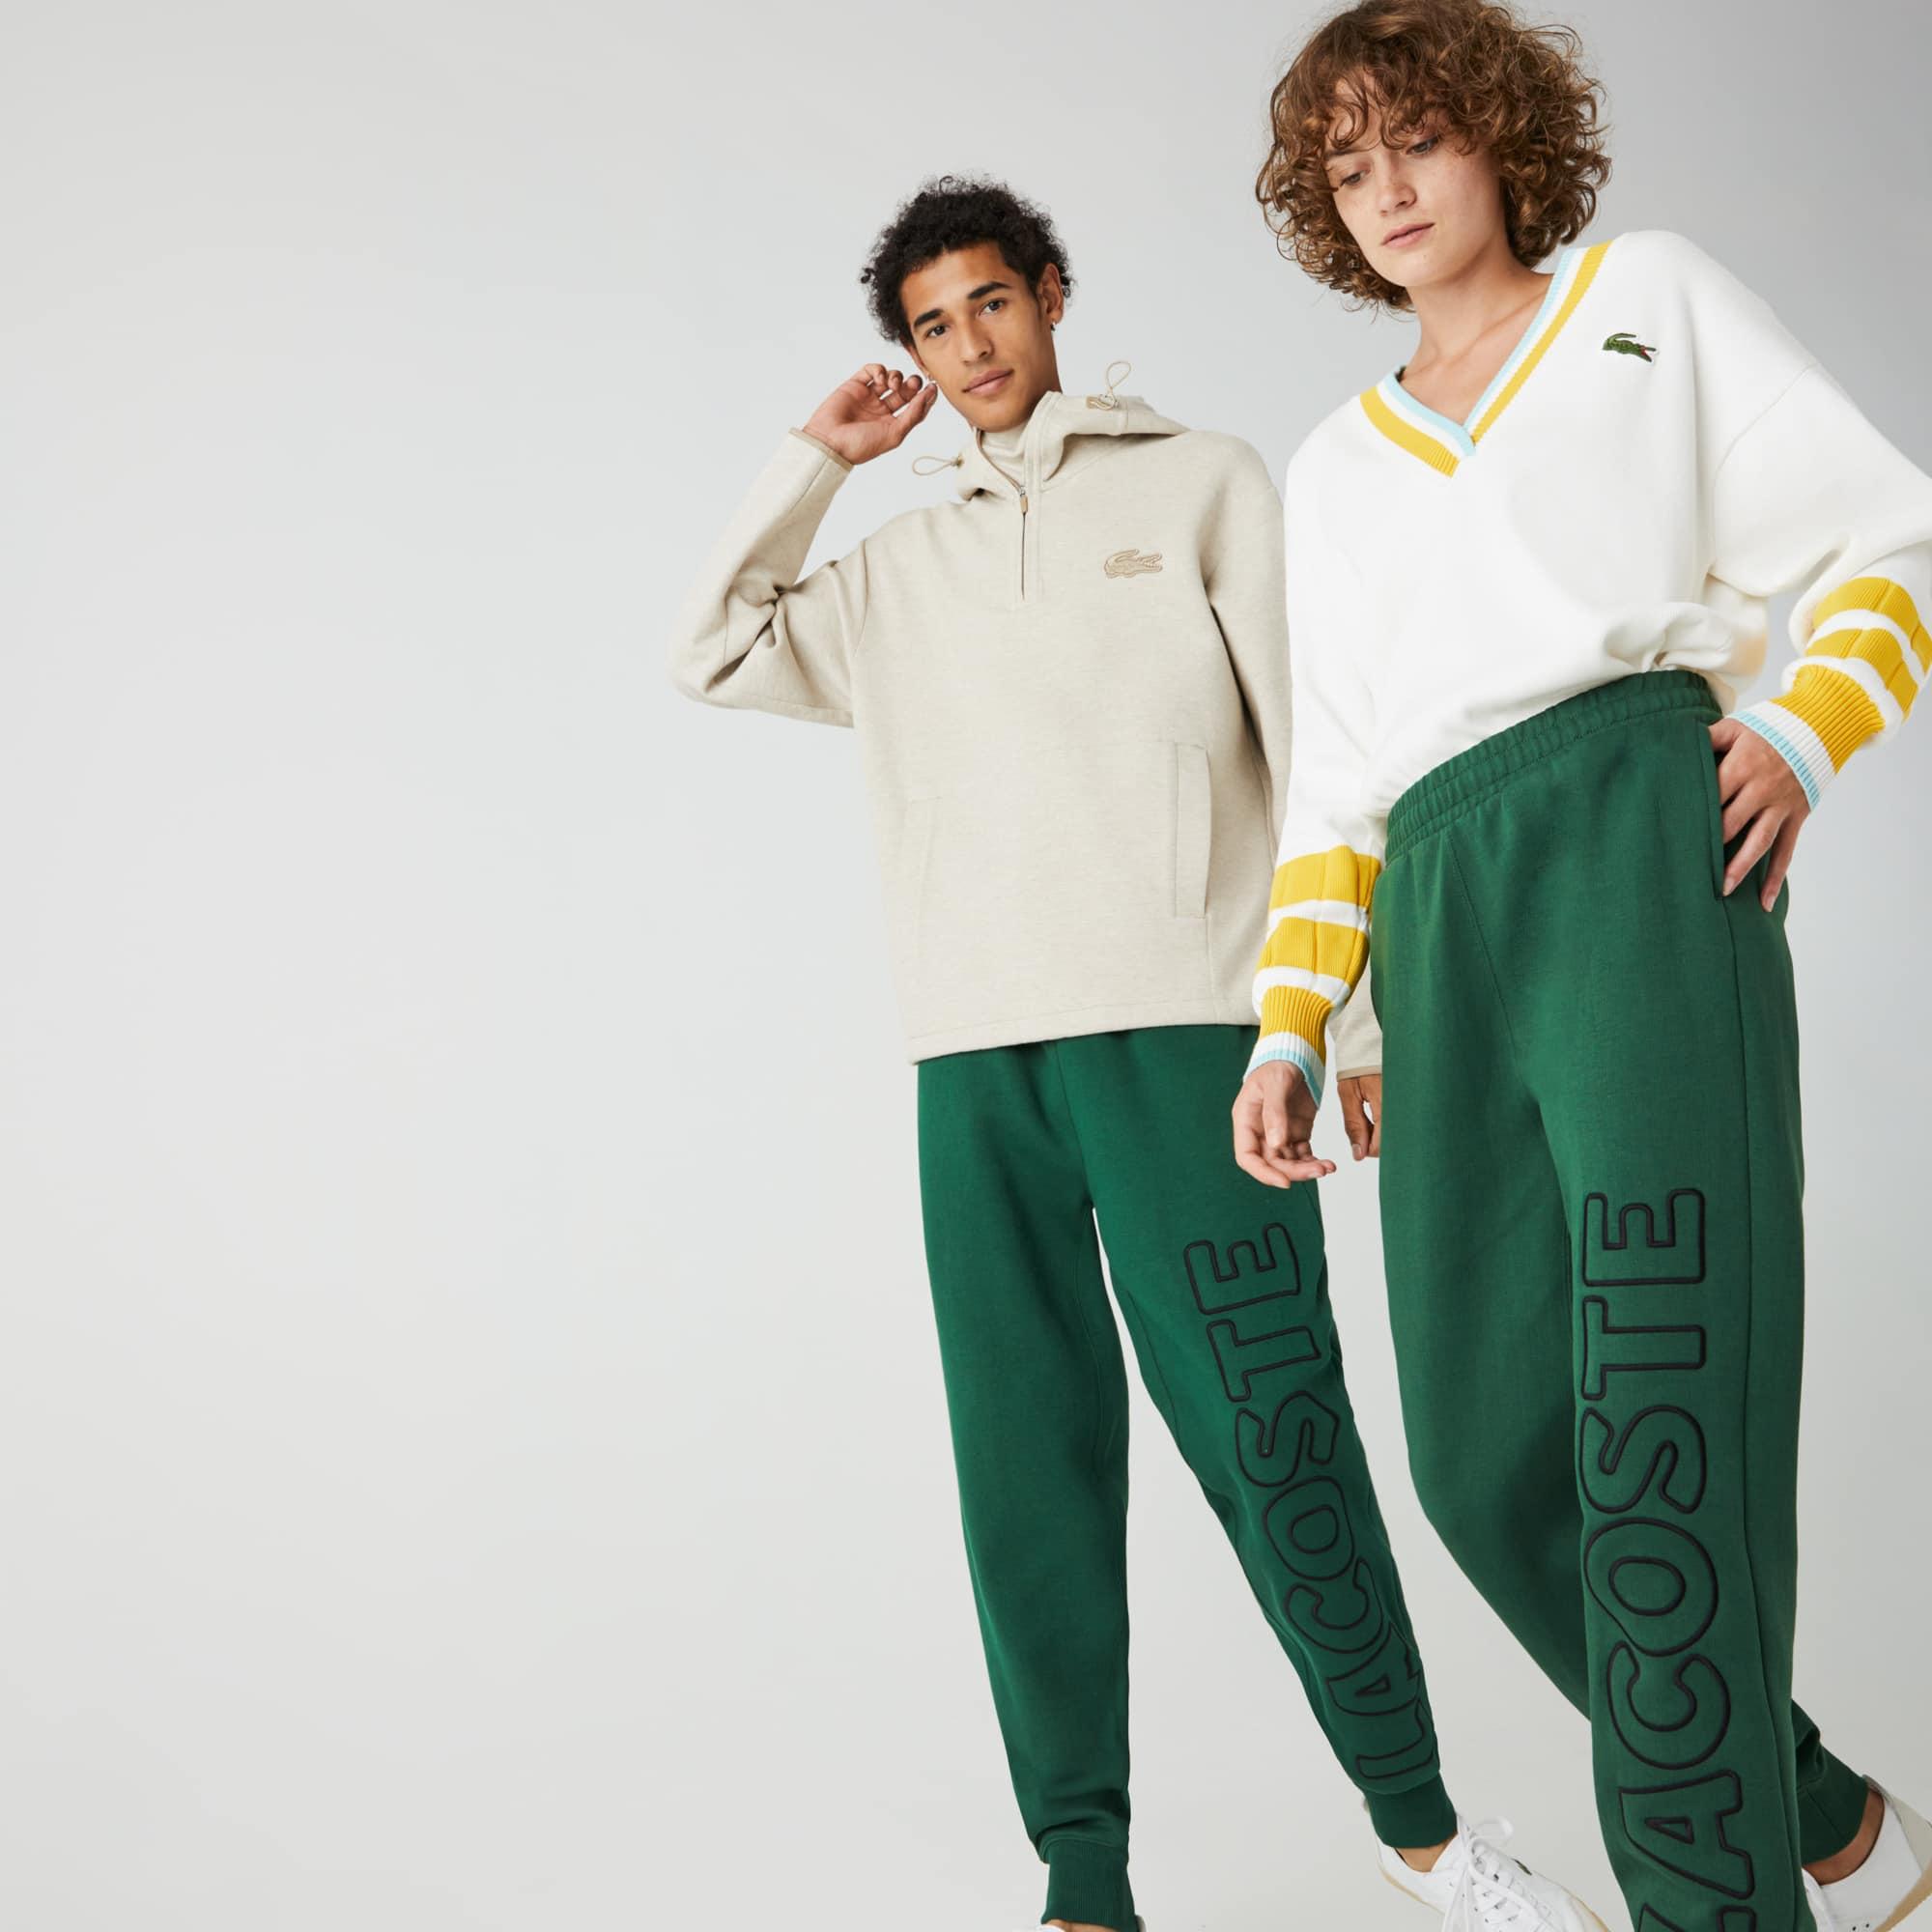 라코스테 라이브 남녀공용 트랙 팬츠 Unisex Lacoste LIVE Embroidered Cotton Blend Tracksuit Pants,Green / Black • U1Y